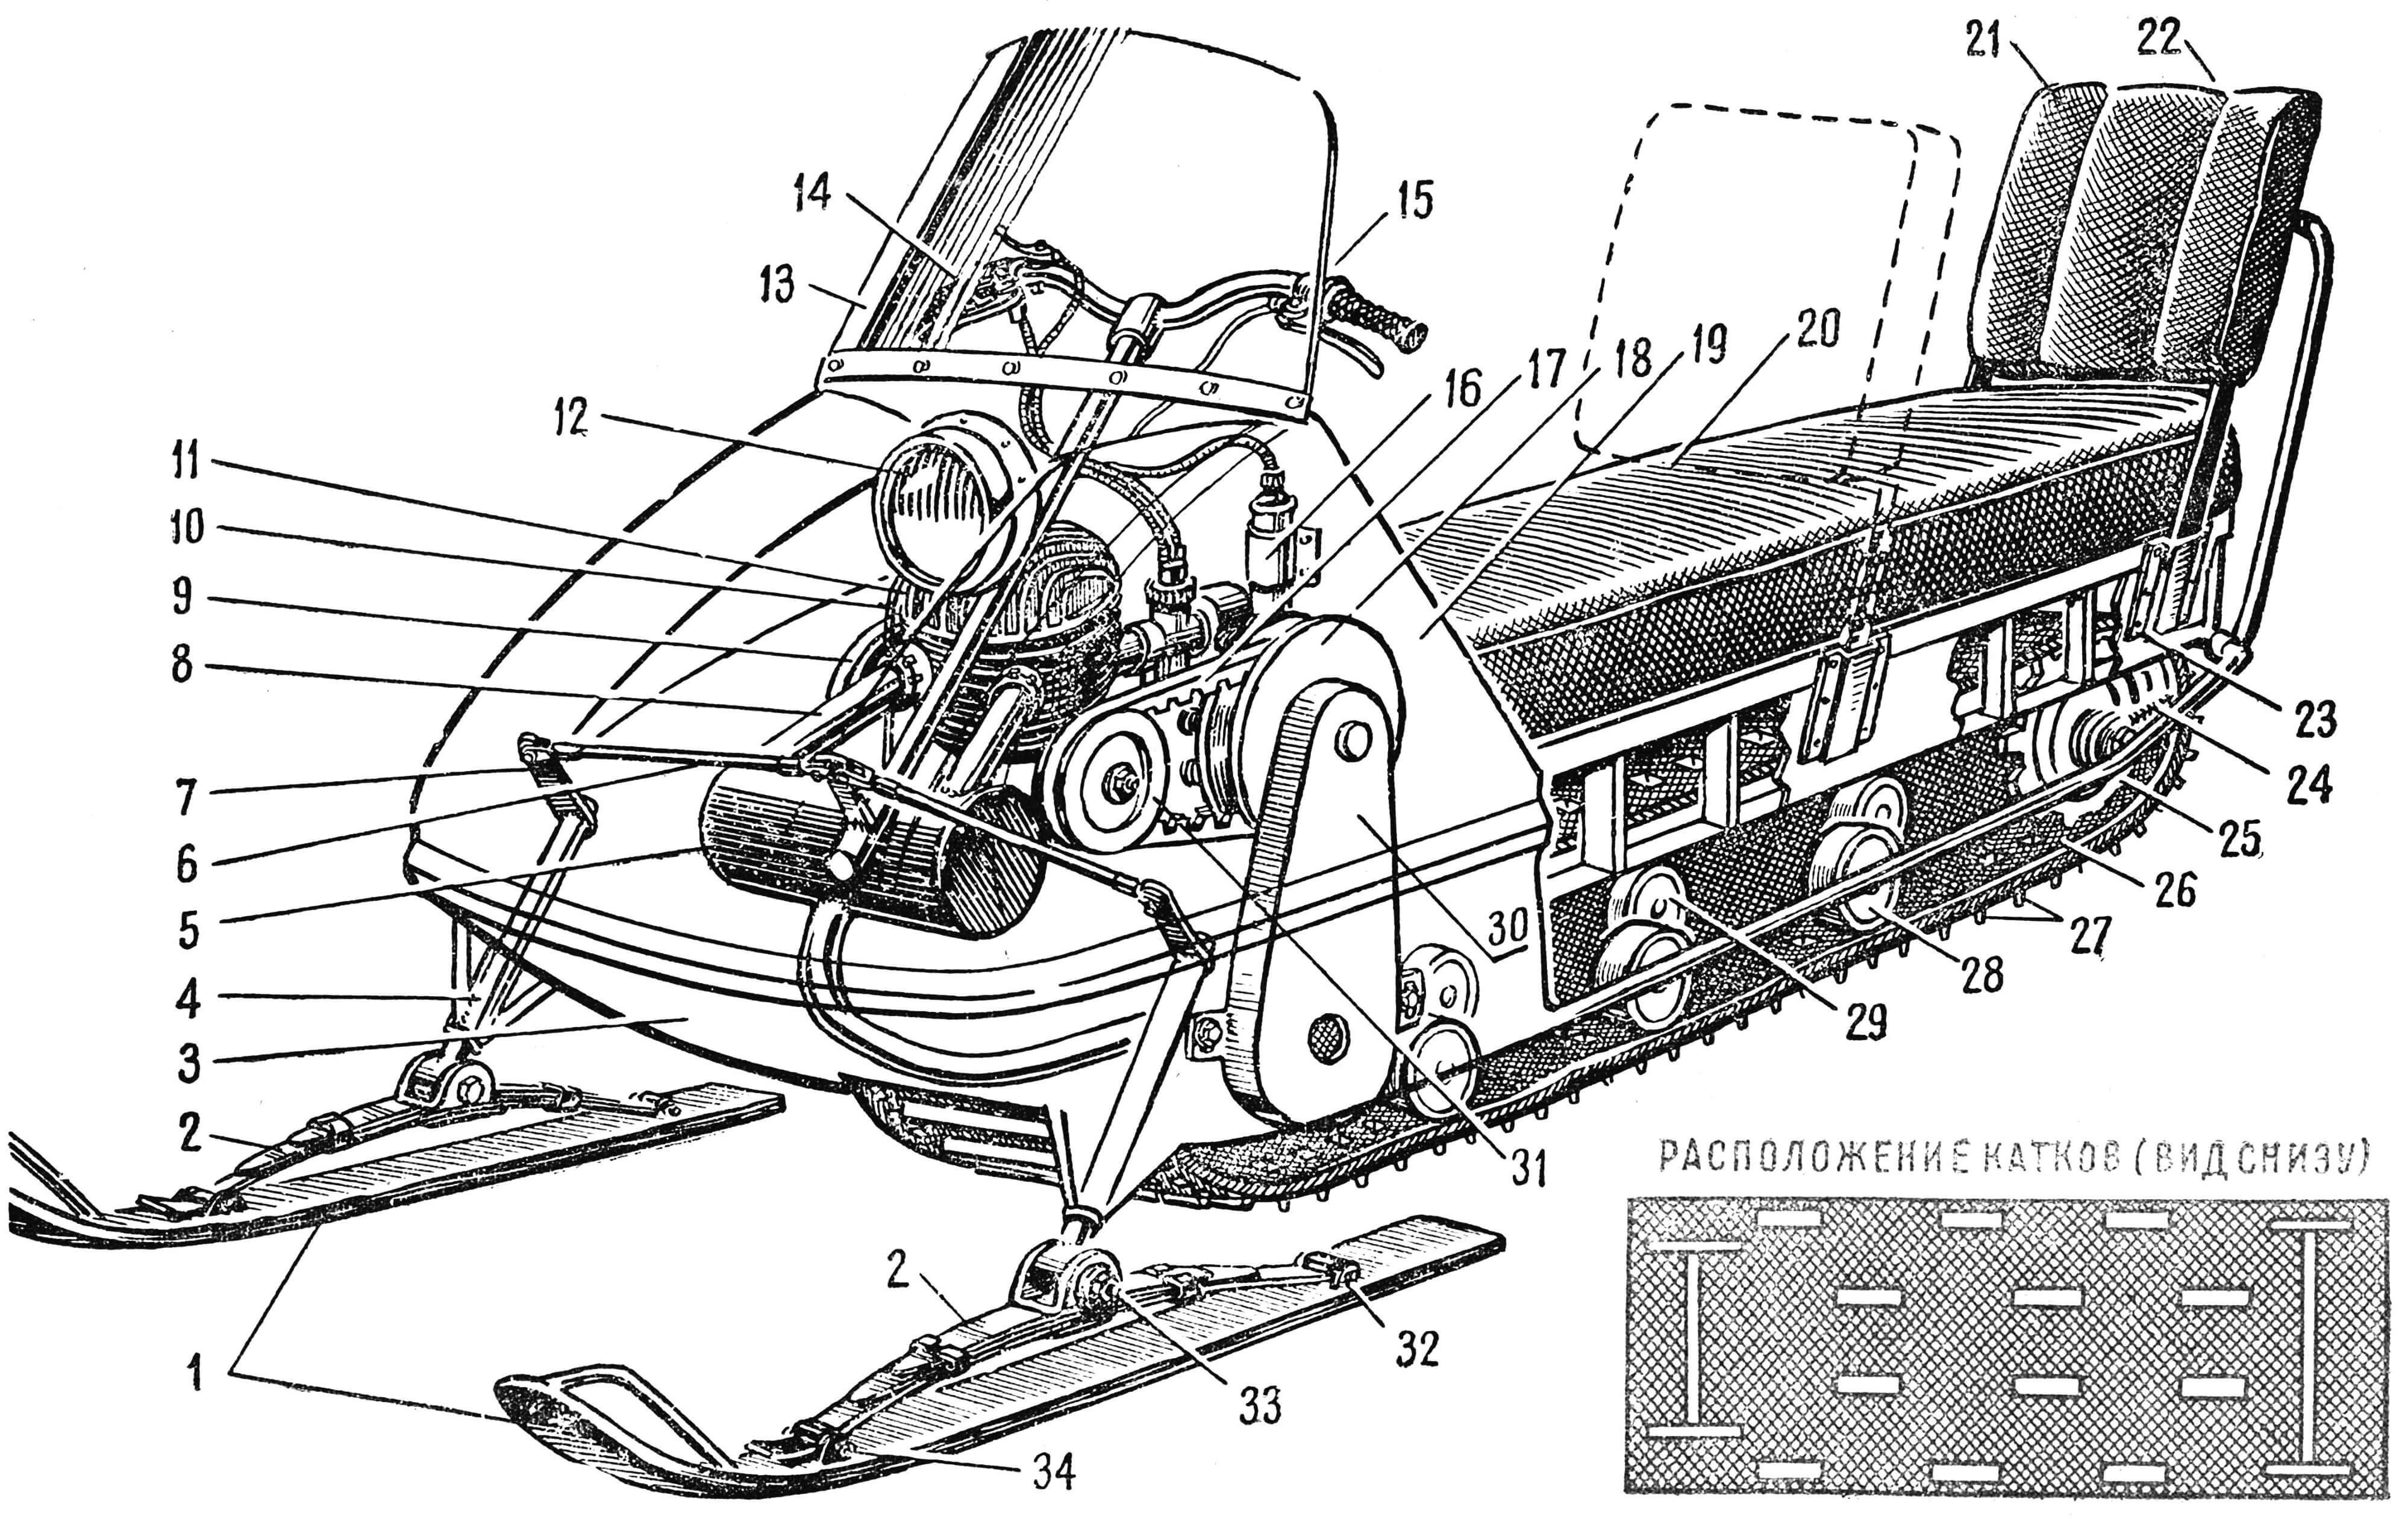 Рис. 1. Общий вид мотонарт «Вираж»: 1 — передние лыжи, 2 — рессоры, 3 — передняя часть корпуса, 4 — стойка лыжи, 5 — глушитель, 6 — рулевая тяга, 7 — поворот¬ный рычаг, 8 — выхлопная труба, 9 — центробежный вентилятор, 10 — кожух вентилятора, 11 — двигатель, 12 — фара, 13 — ветро¬вое стекло, 14 — ручка газа, 15 — руль, 16 — катушка зажигания, 17 — ремень вариатора, 18 — ведомый шкив вариатора, 19 — капот, 20 — сиденье, 21 — спинка, 22 — упор спинки, 23 — узел крепления спинки, 24 — механизм натяжки гусеницы, 25 — направ¬ляющее колесо гусеницы, 26 — гусеница, 27 — снегозацепы, 28 — внешний каток, 29 — внутренний каток, 30 — кожух ведущей цепи, 31 — ведущий шкив вариатора, 32 — неподвижное крепление рес¬соры к лыже, 33 — башмак крепления рессоры к стойке, 34 — скользящее крепление рессоры к лыже.